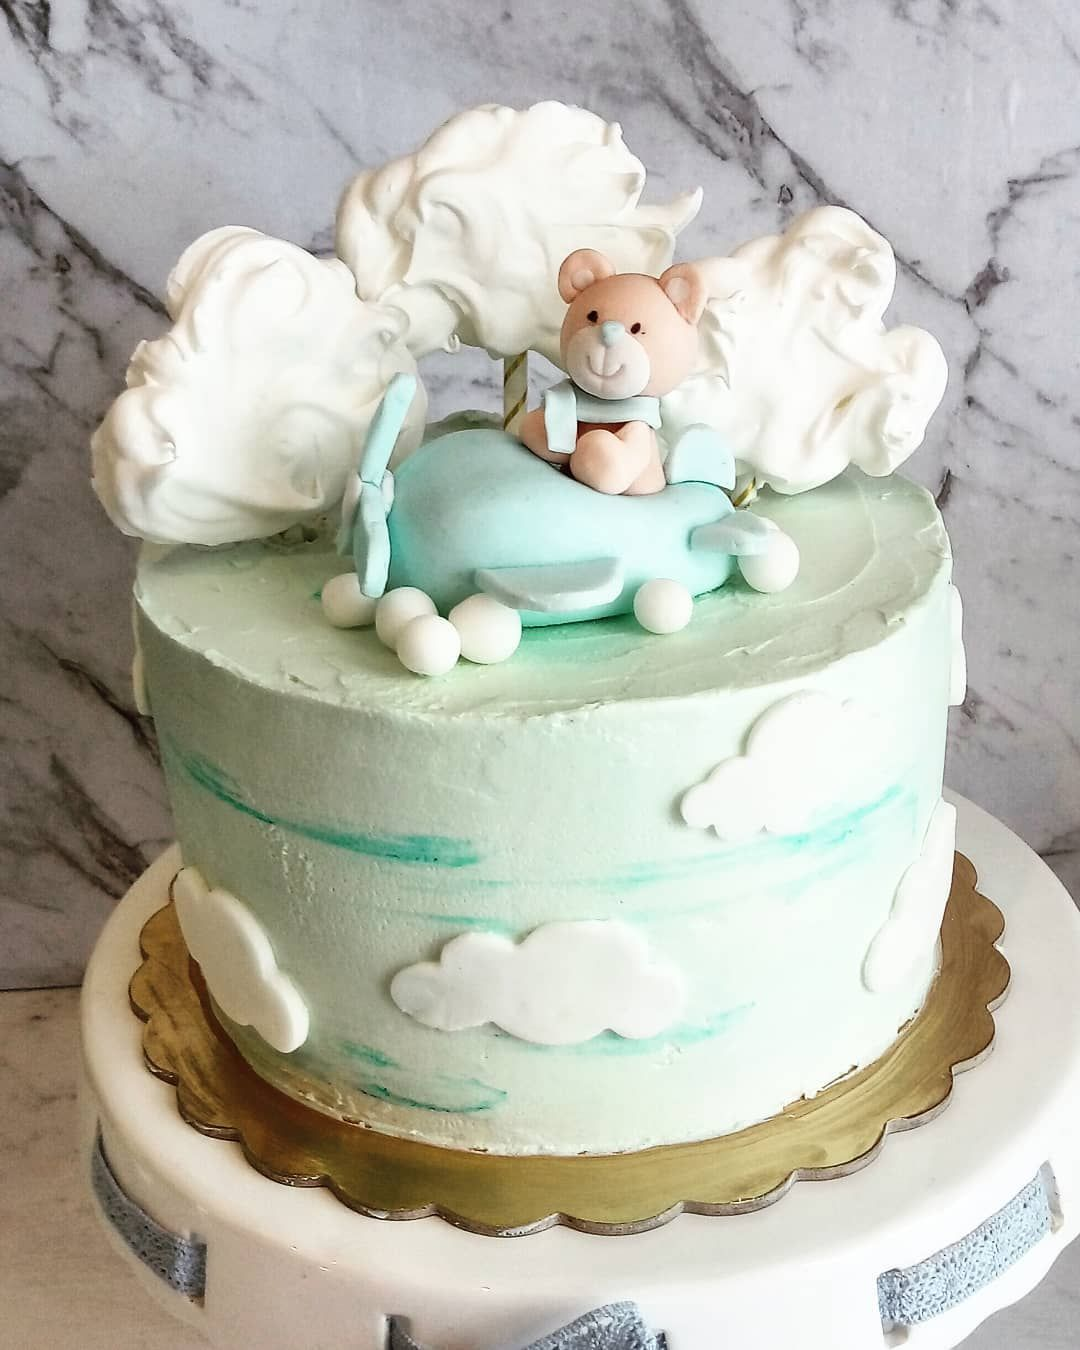 Dla Bujajacych W Chmurach Tortzmisiem Slodkiepudelko Ubierzswojtort Miswsamolocie Bezowechmurki Dorosioweranty Tortzchmur Desserts Cake Birthday Cake